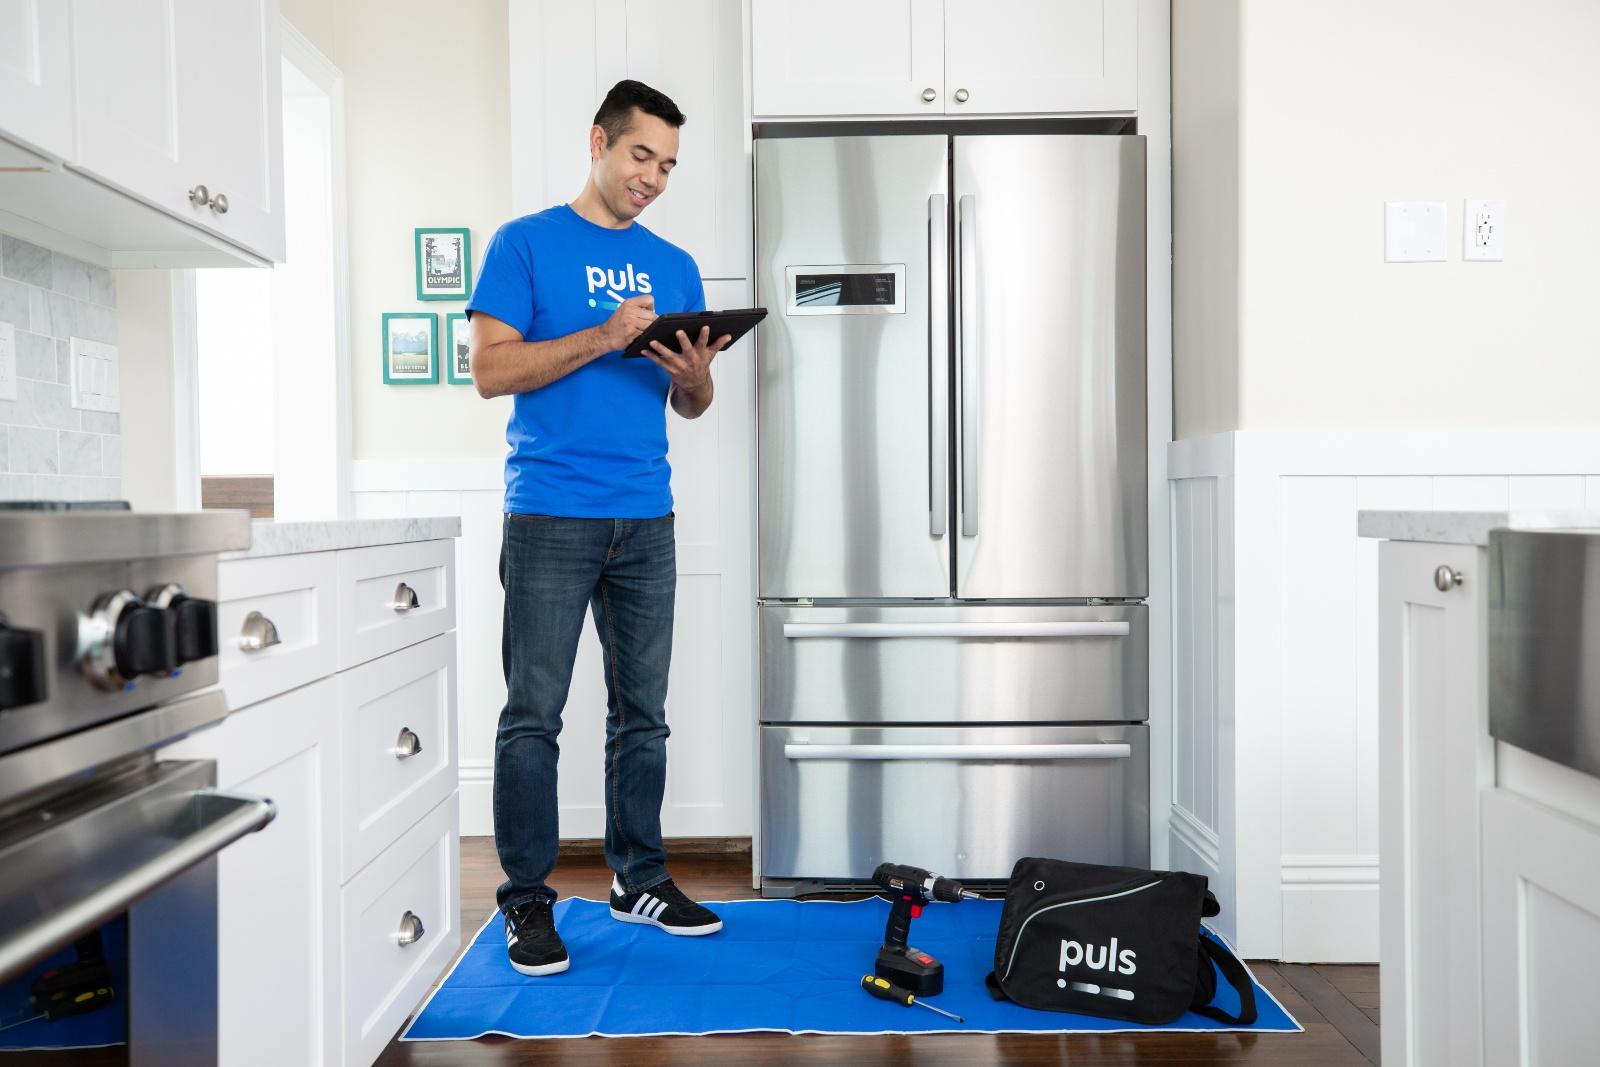 refrigerator repair: diagnose the problem